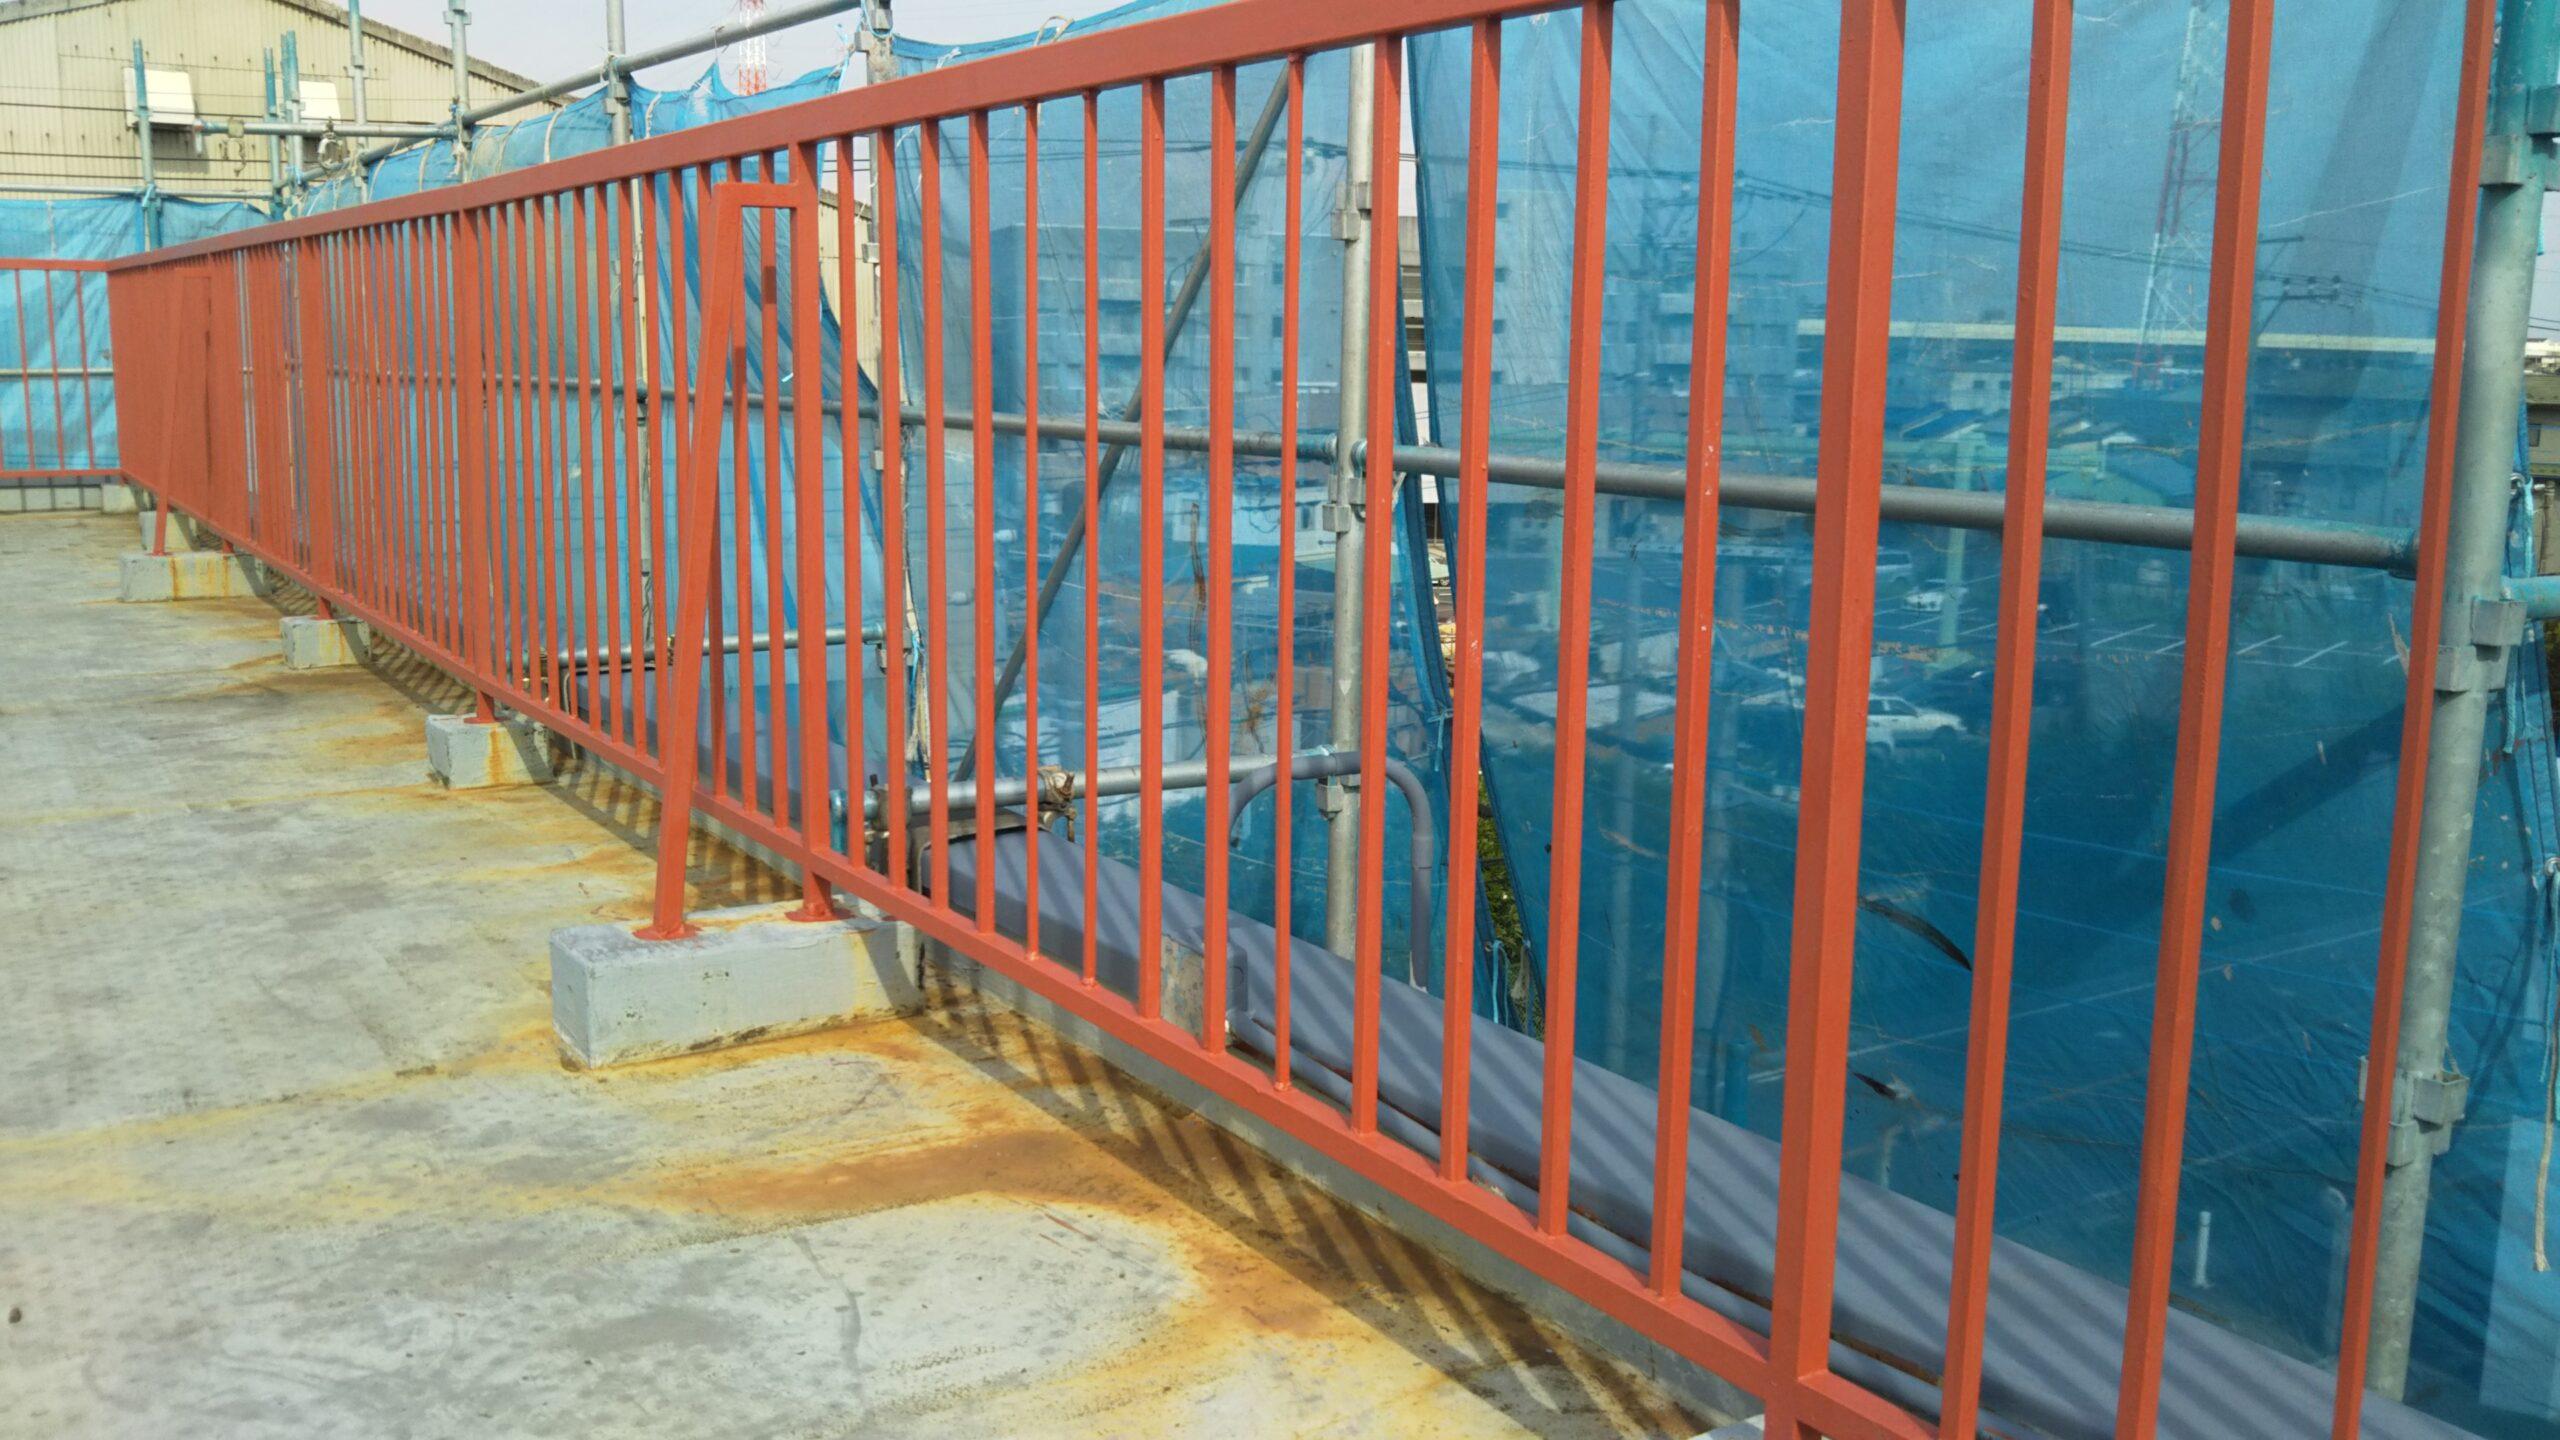 埼玉県さいたま市 外壁及び鉄部塗装 埼玉県さいたま市見沼区の某工場にて塗り替えリフォーム中